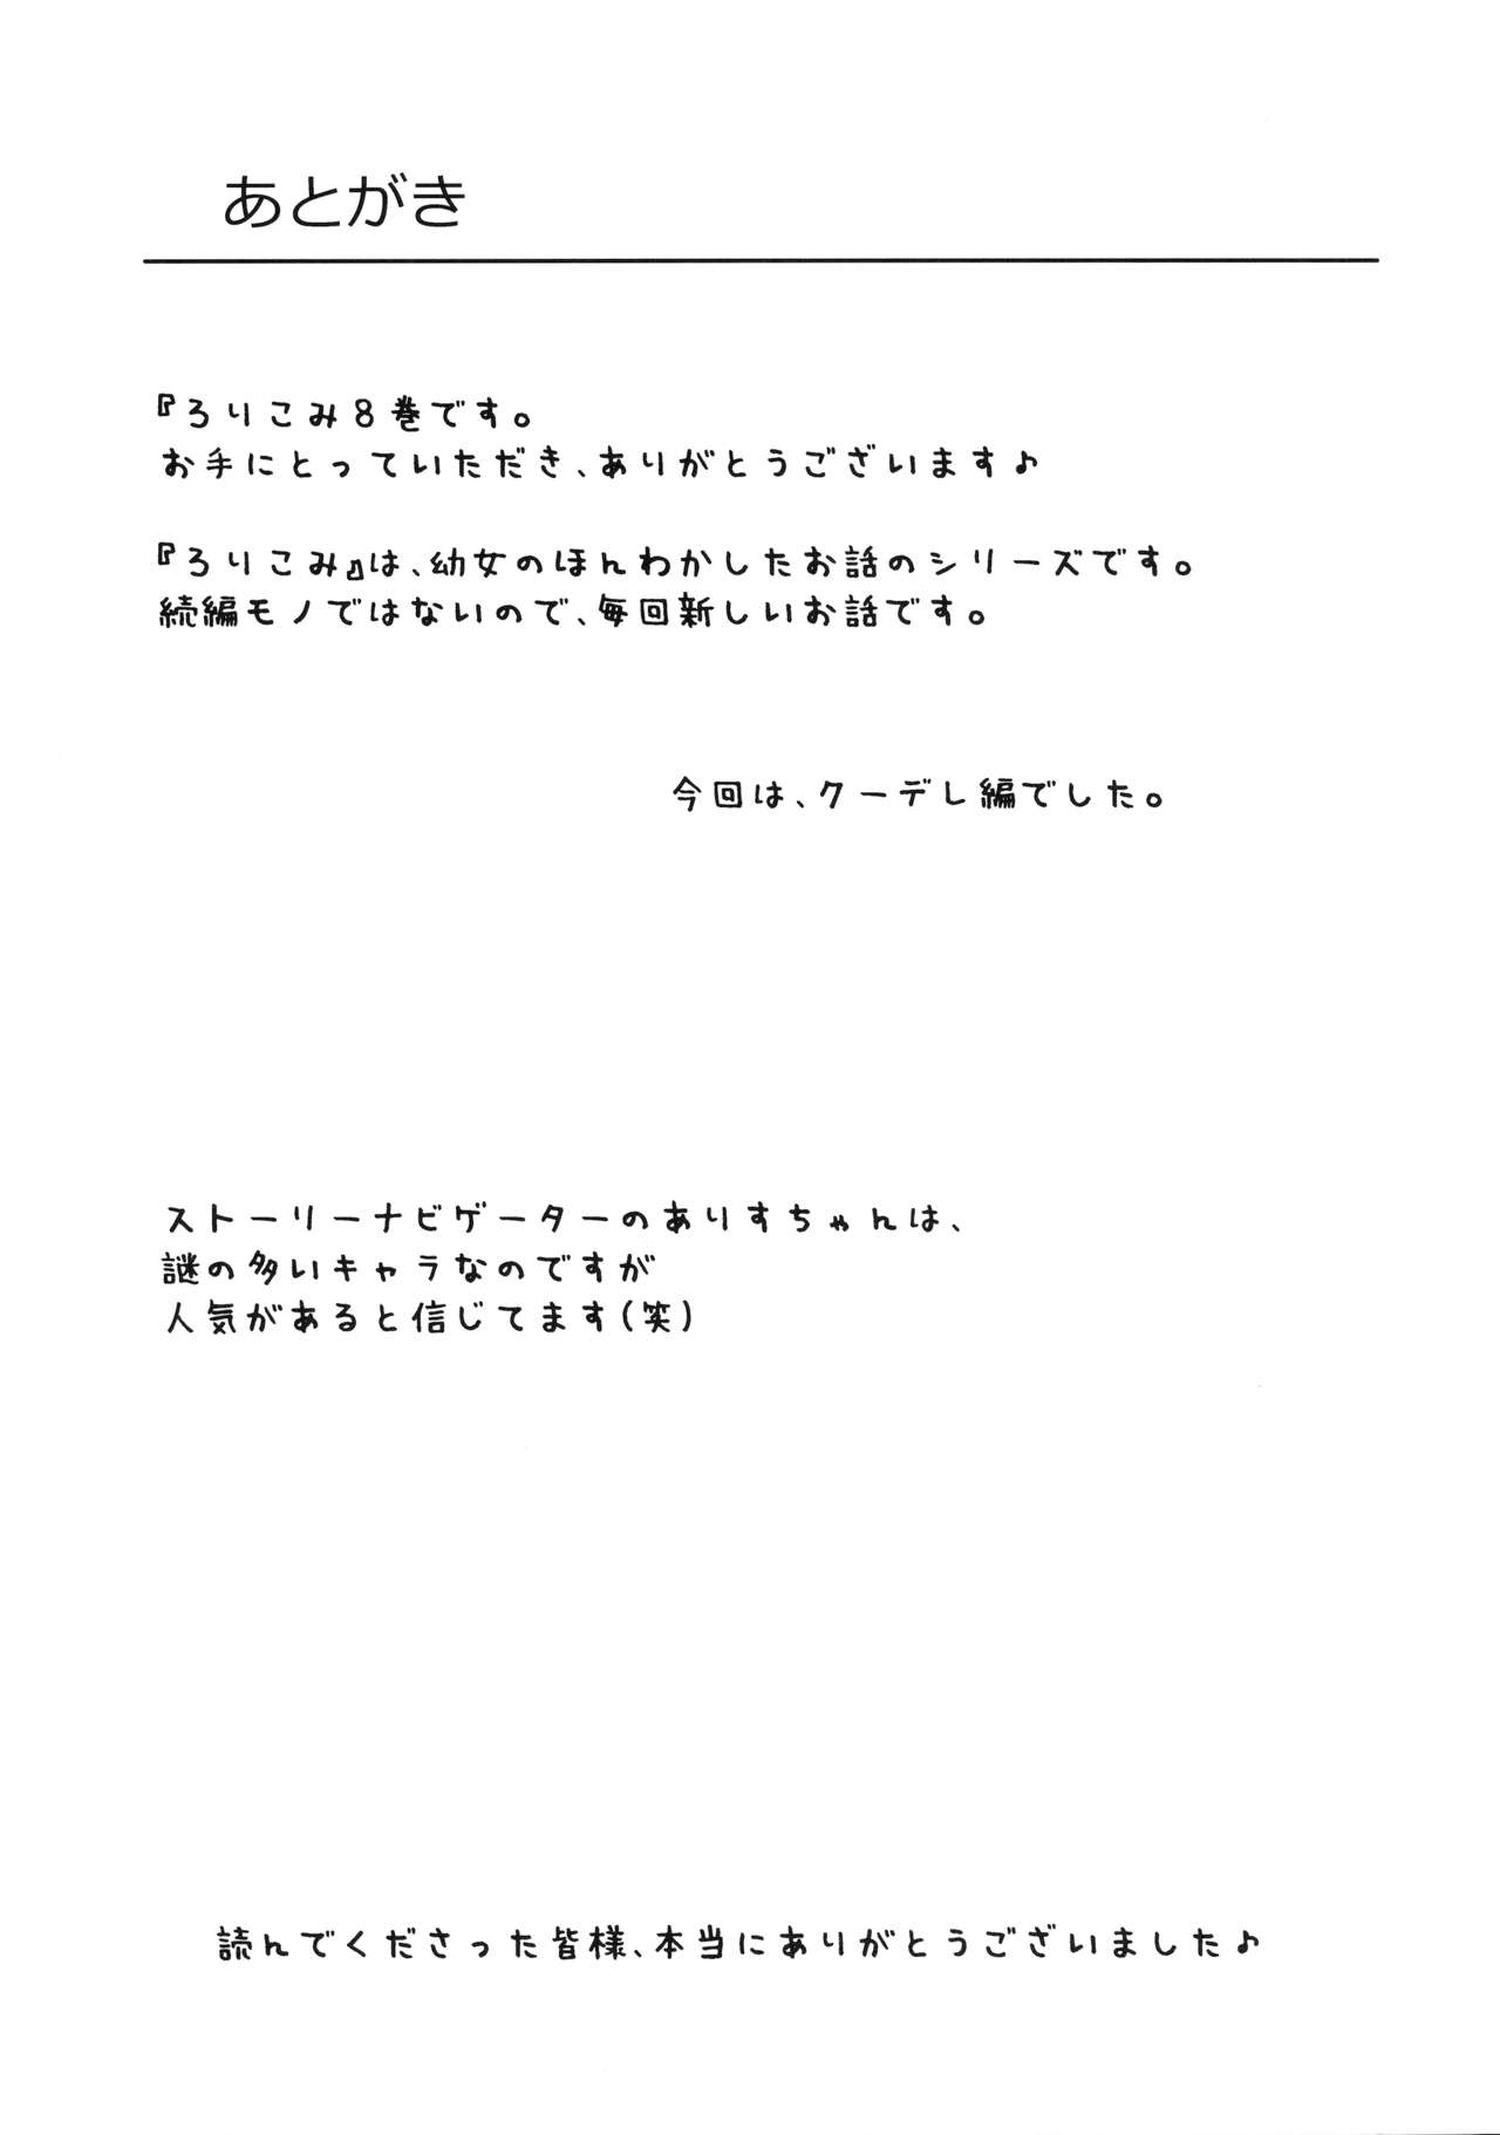 【エロ漫画】クールな猫耳フードを被った黒髪幼女とイチャラブセックス~♪【無料 エロ同人誌】 (22)